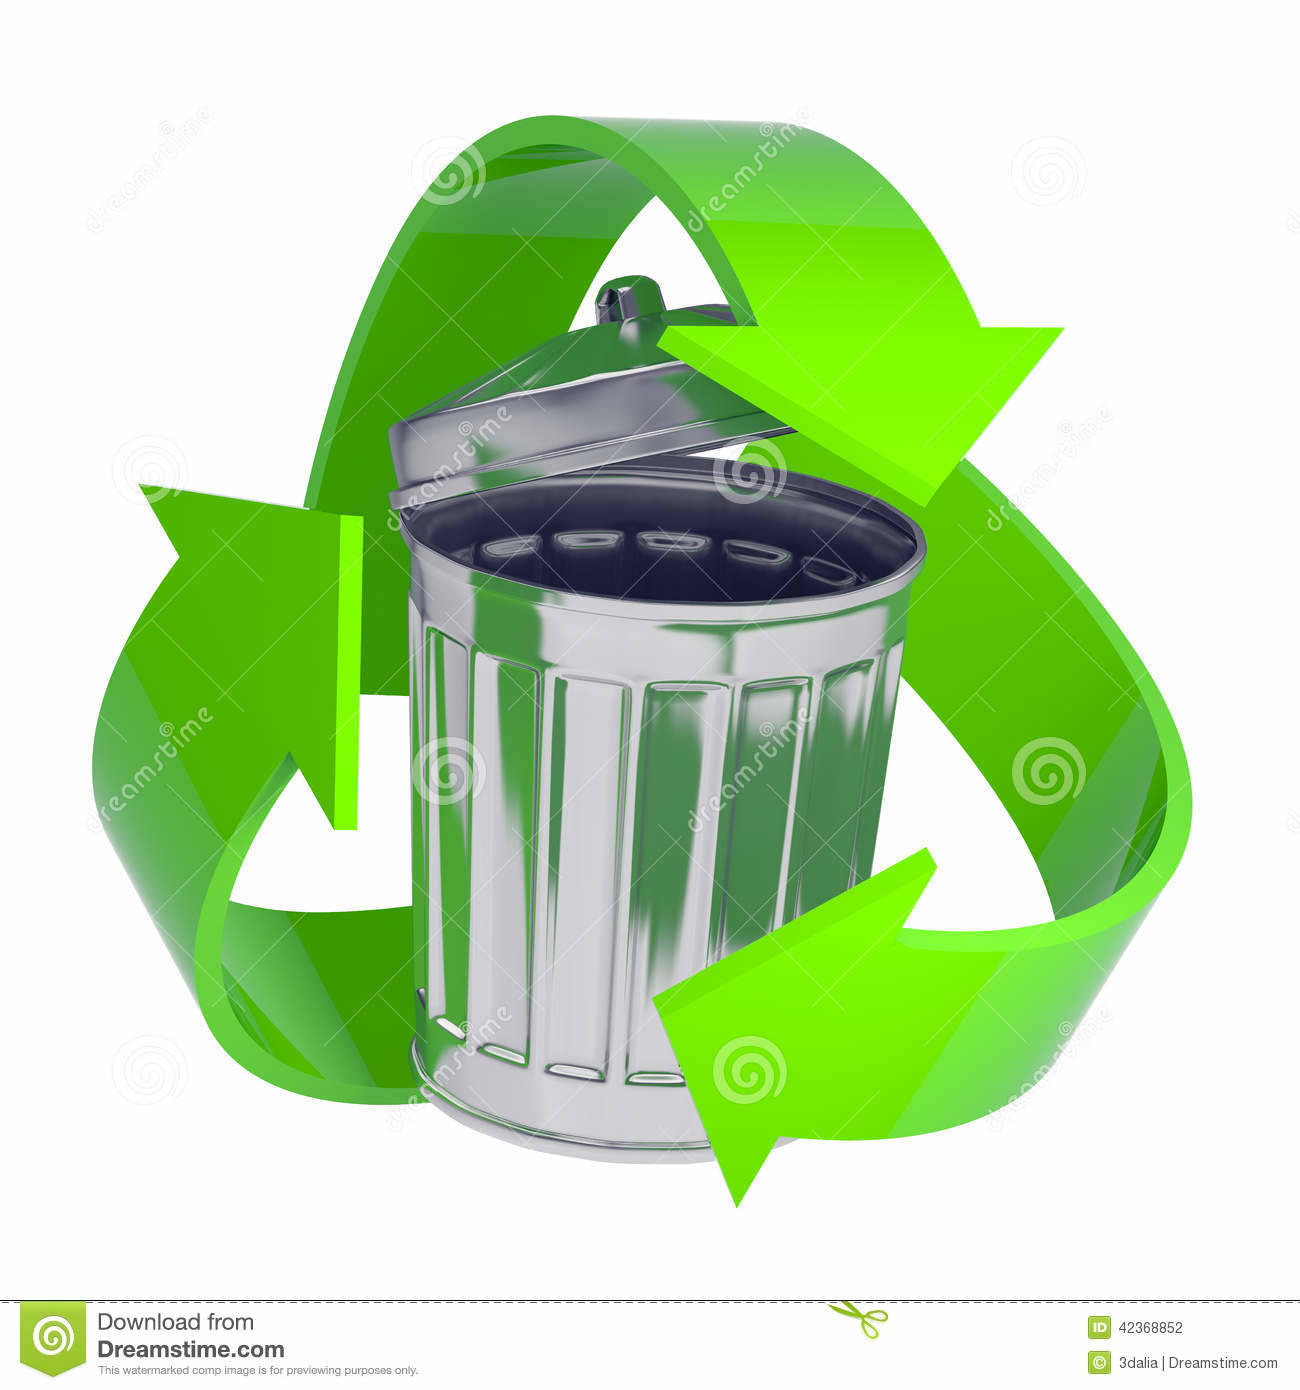 df737d2b2a3b536c7724_recycling.jpg